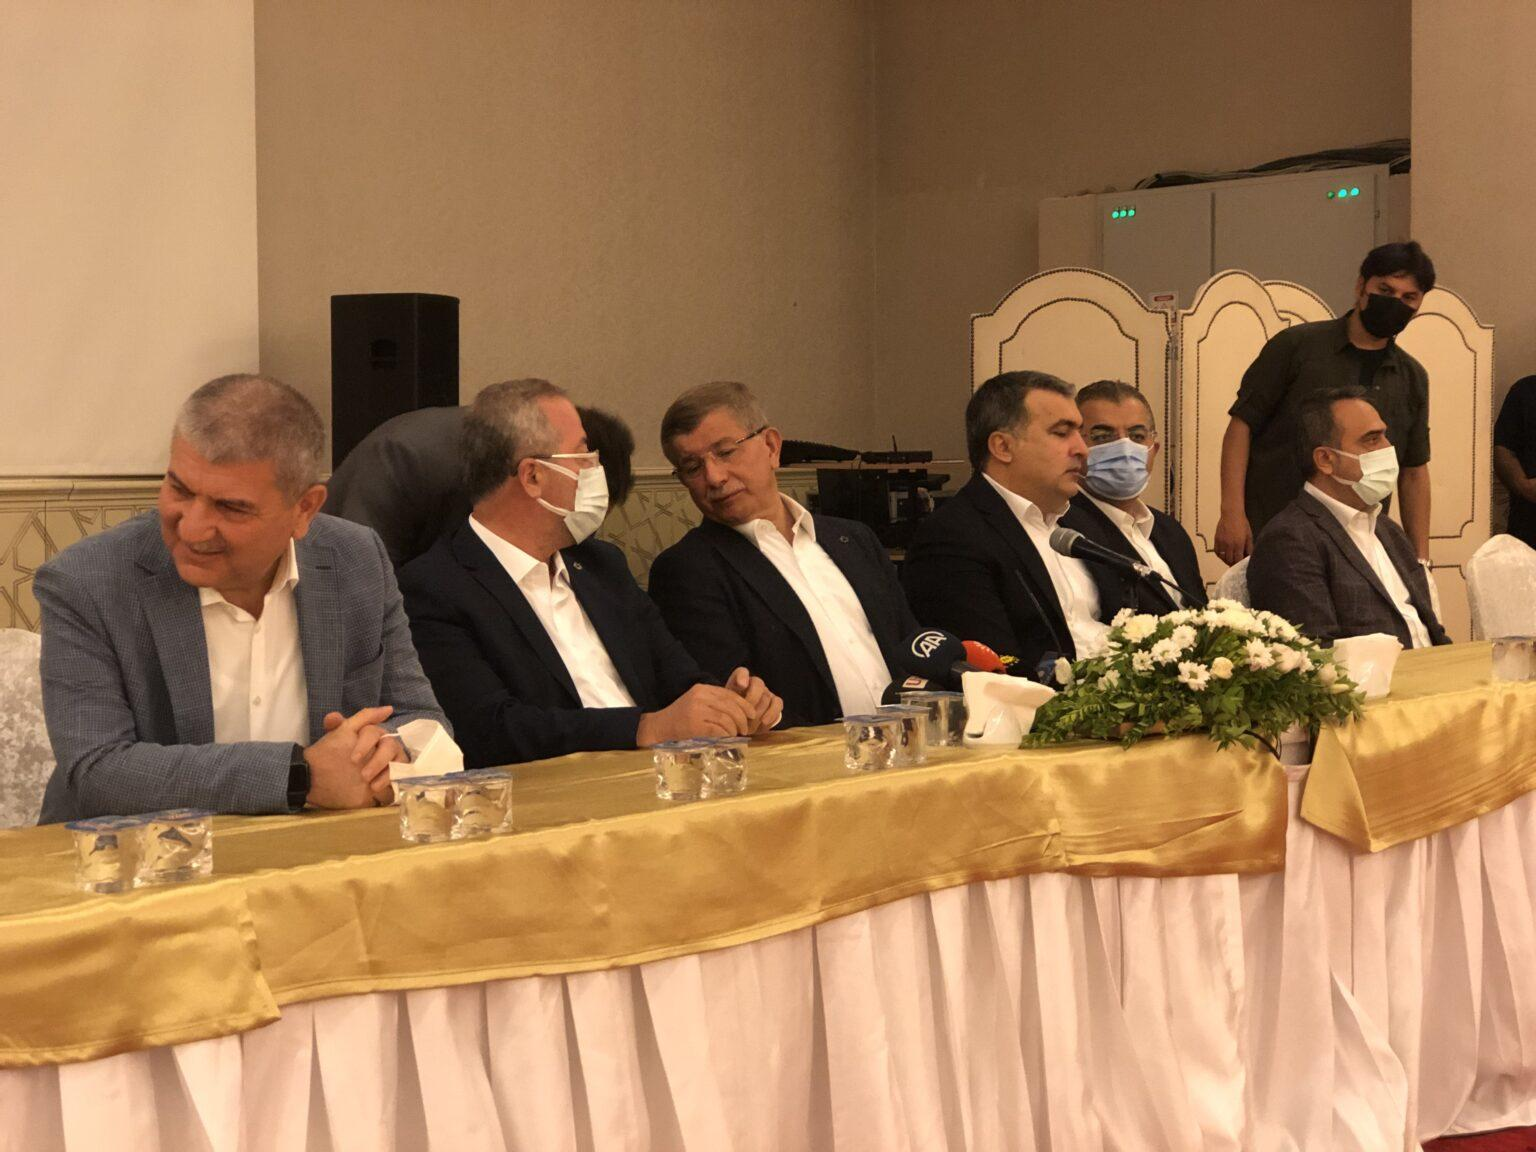 """Gelecek Partisi Genel Başkanı Ahmet Davutoğlu Diyarbakır'da konuştu: """"Siyasette büyük bir dalga, tsunami geliyor"""""""